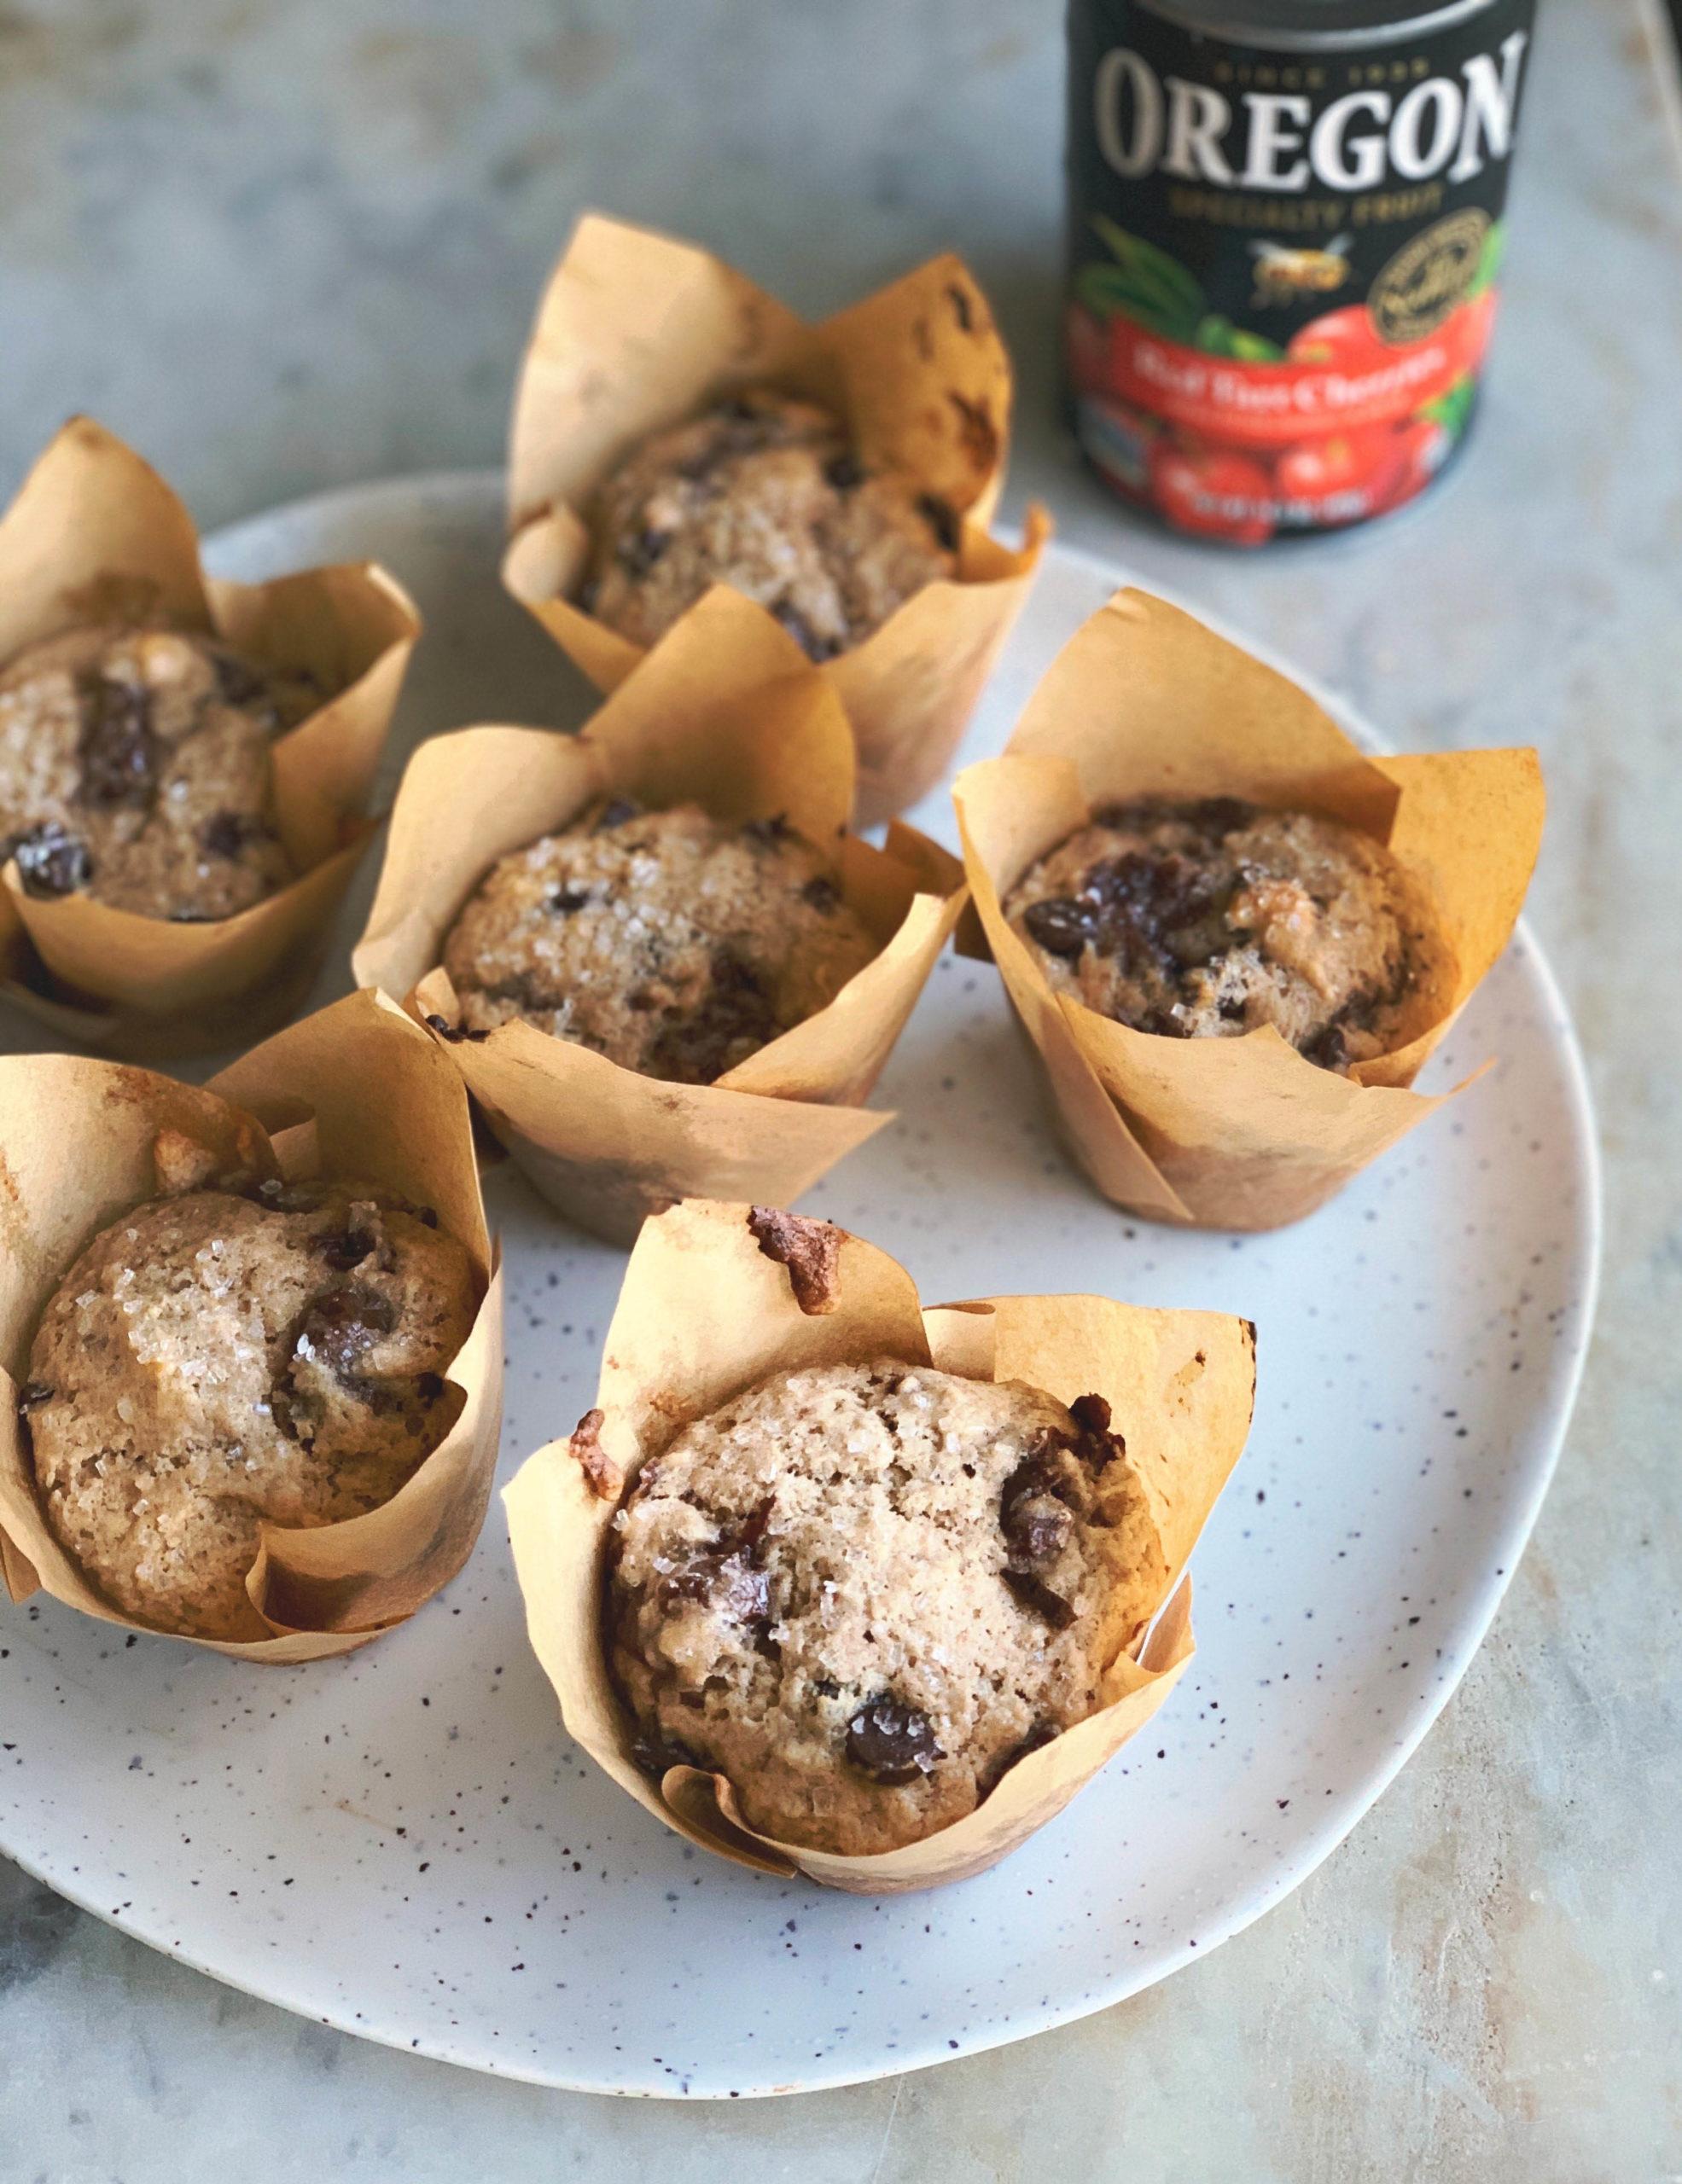 Red Tart Cherry Muffins